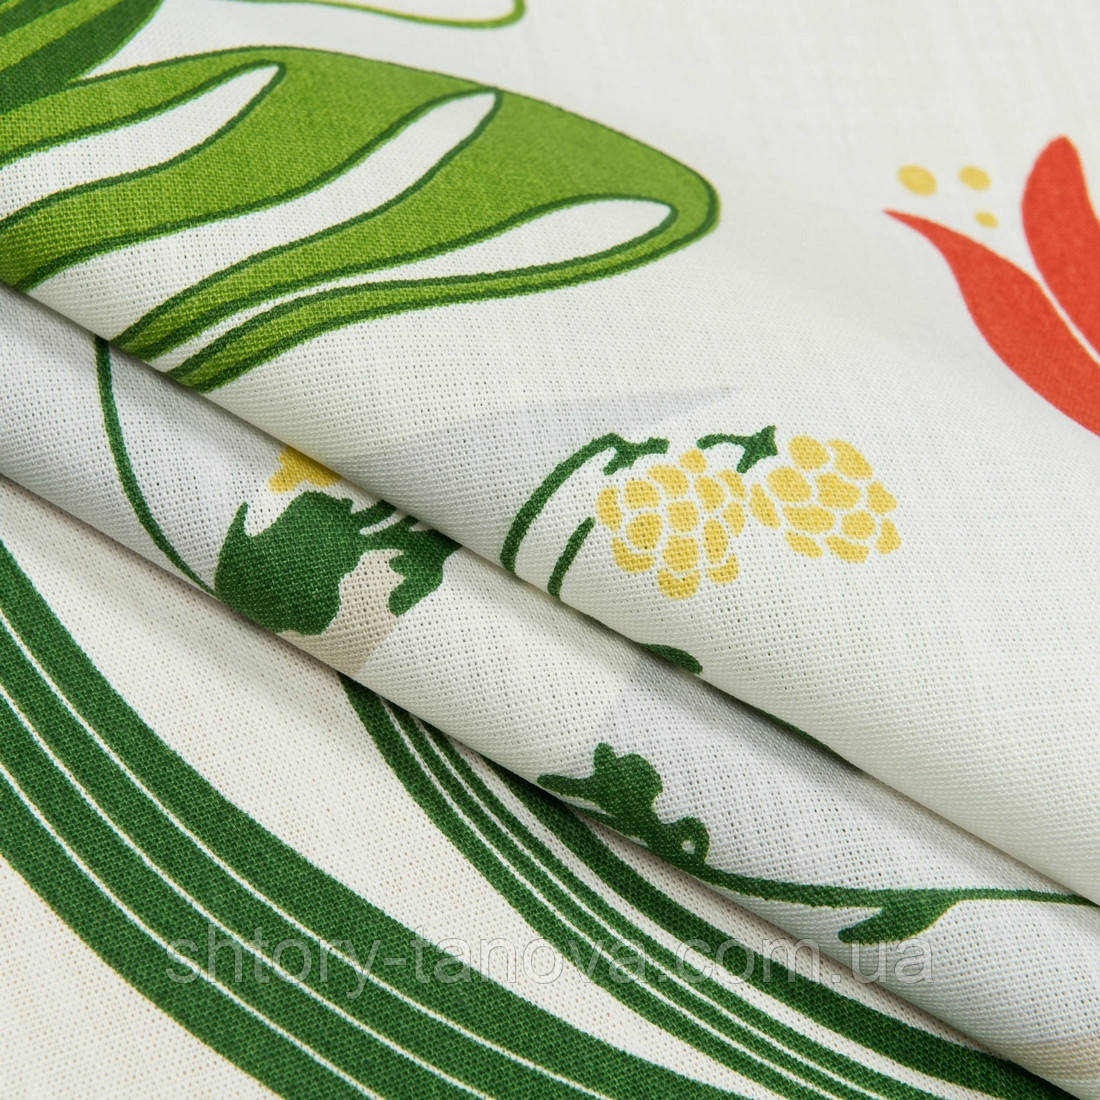 Декоративна тканина доріс /doris